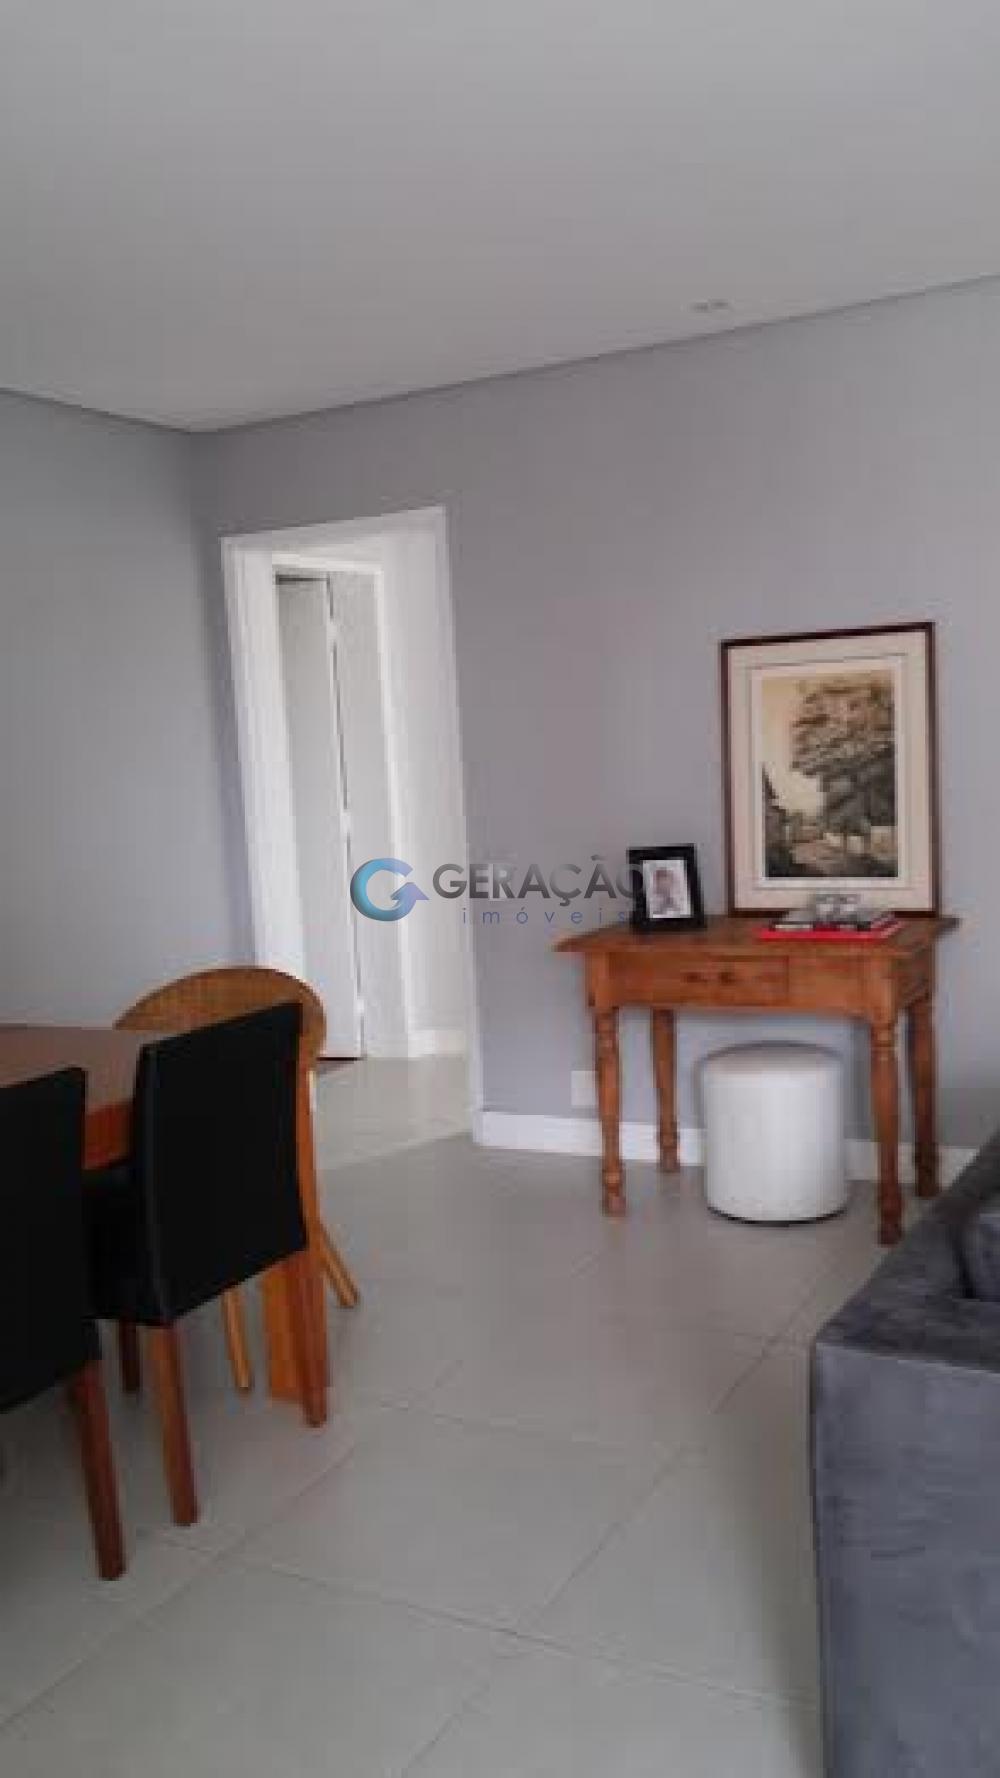 Comprar Apartamento / Padrão em São José dos Campos apenas R$ 730.000,00 - Foto 3